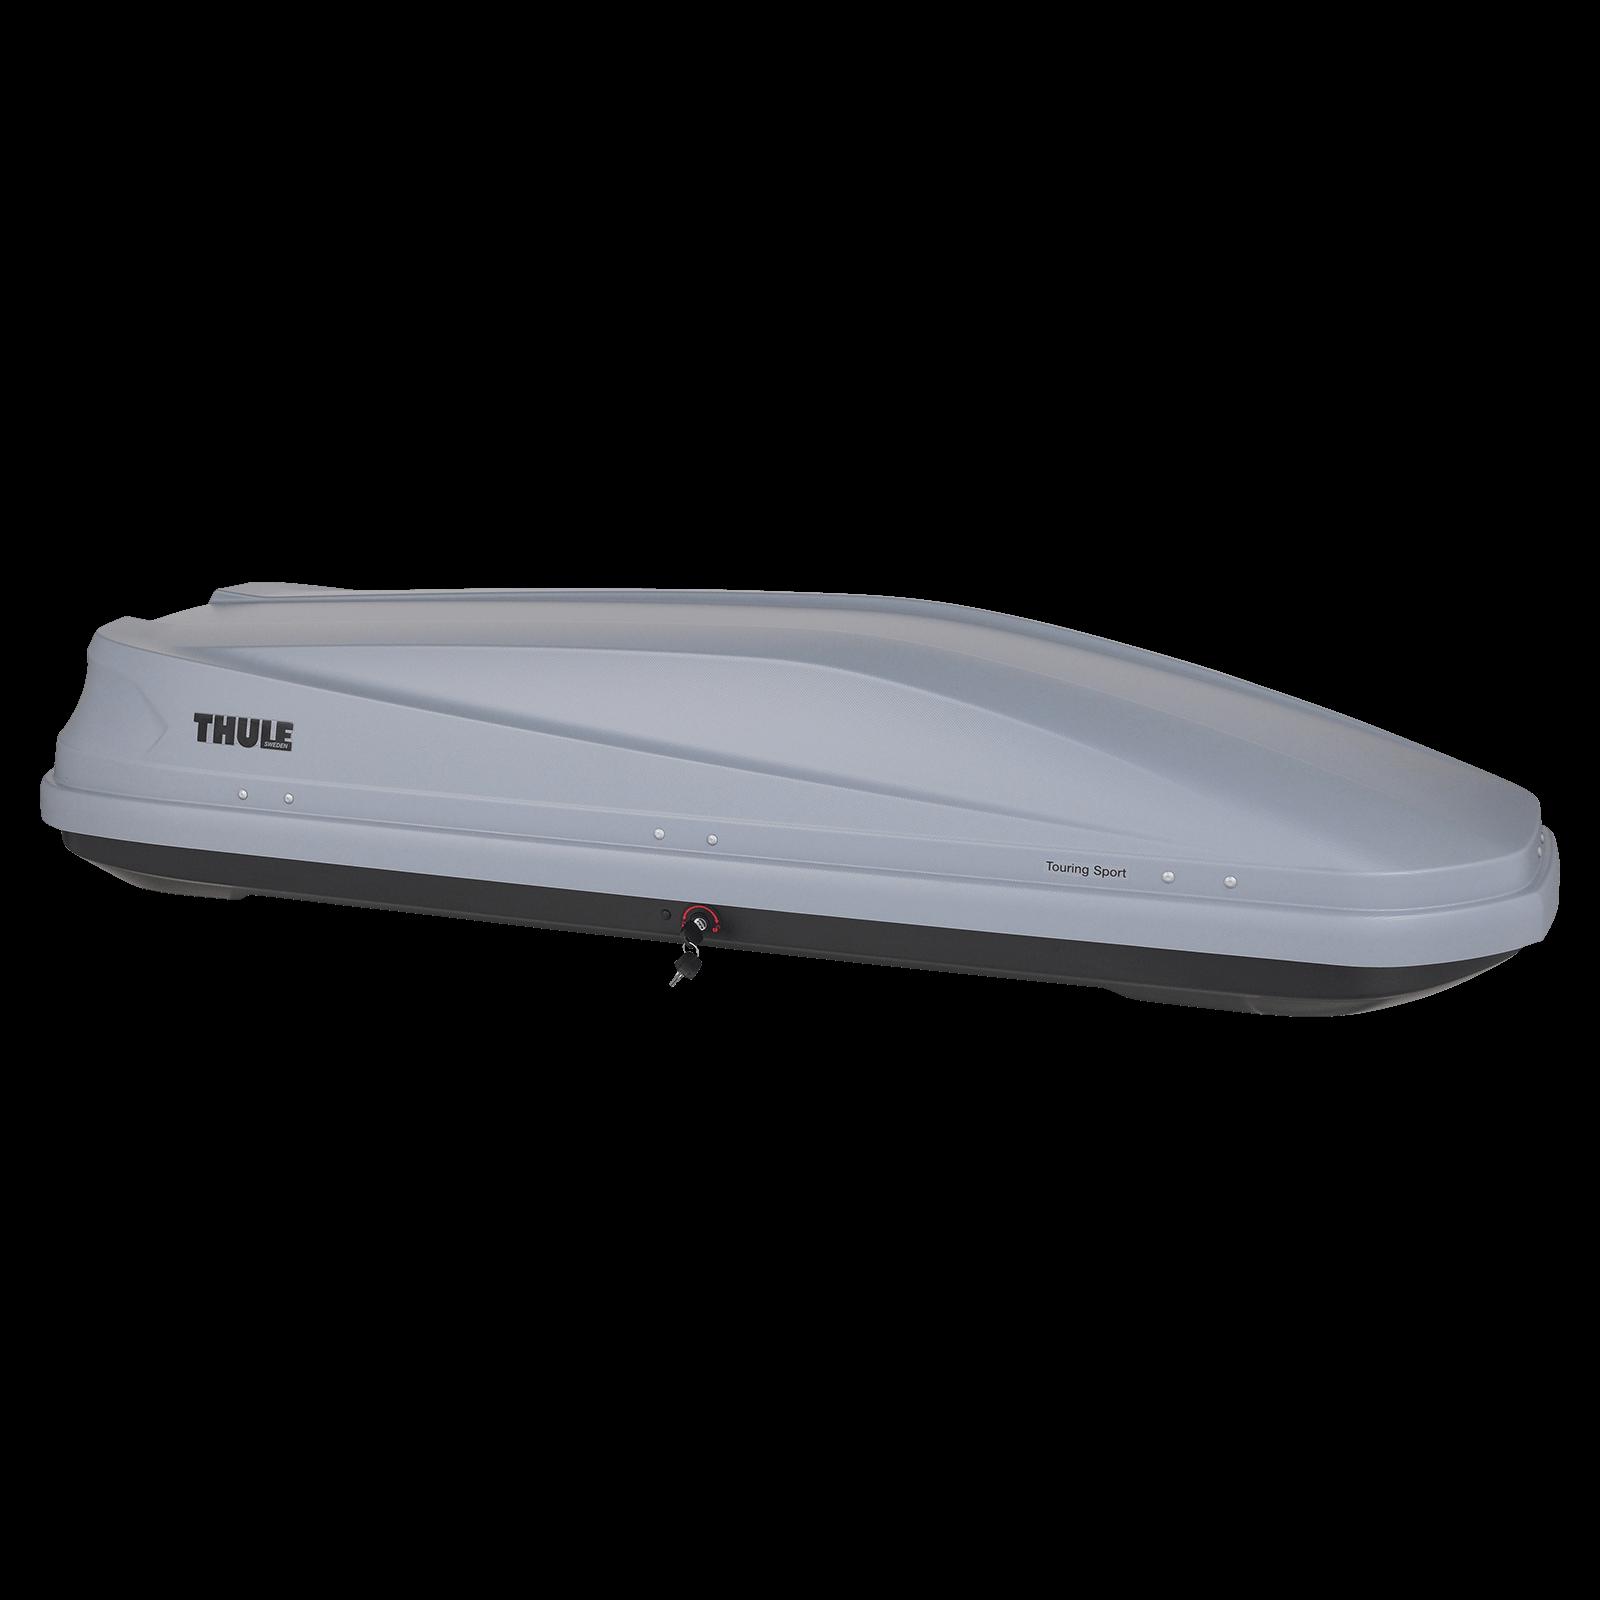 Dachbox Thule Touring Sport grau, titan - 300 L...